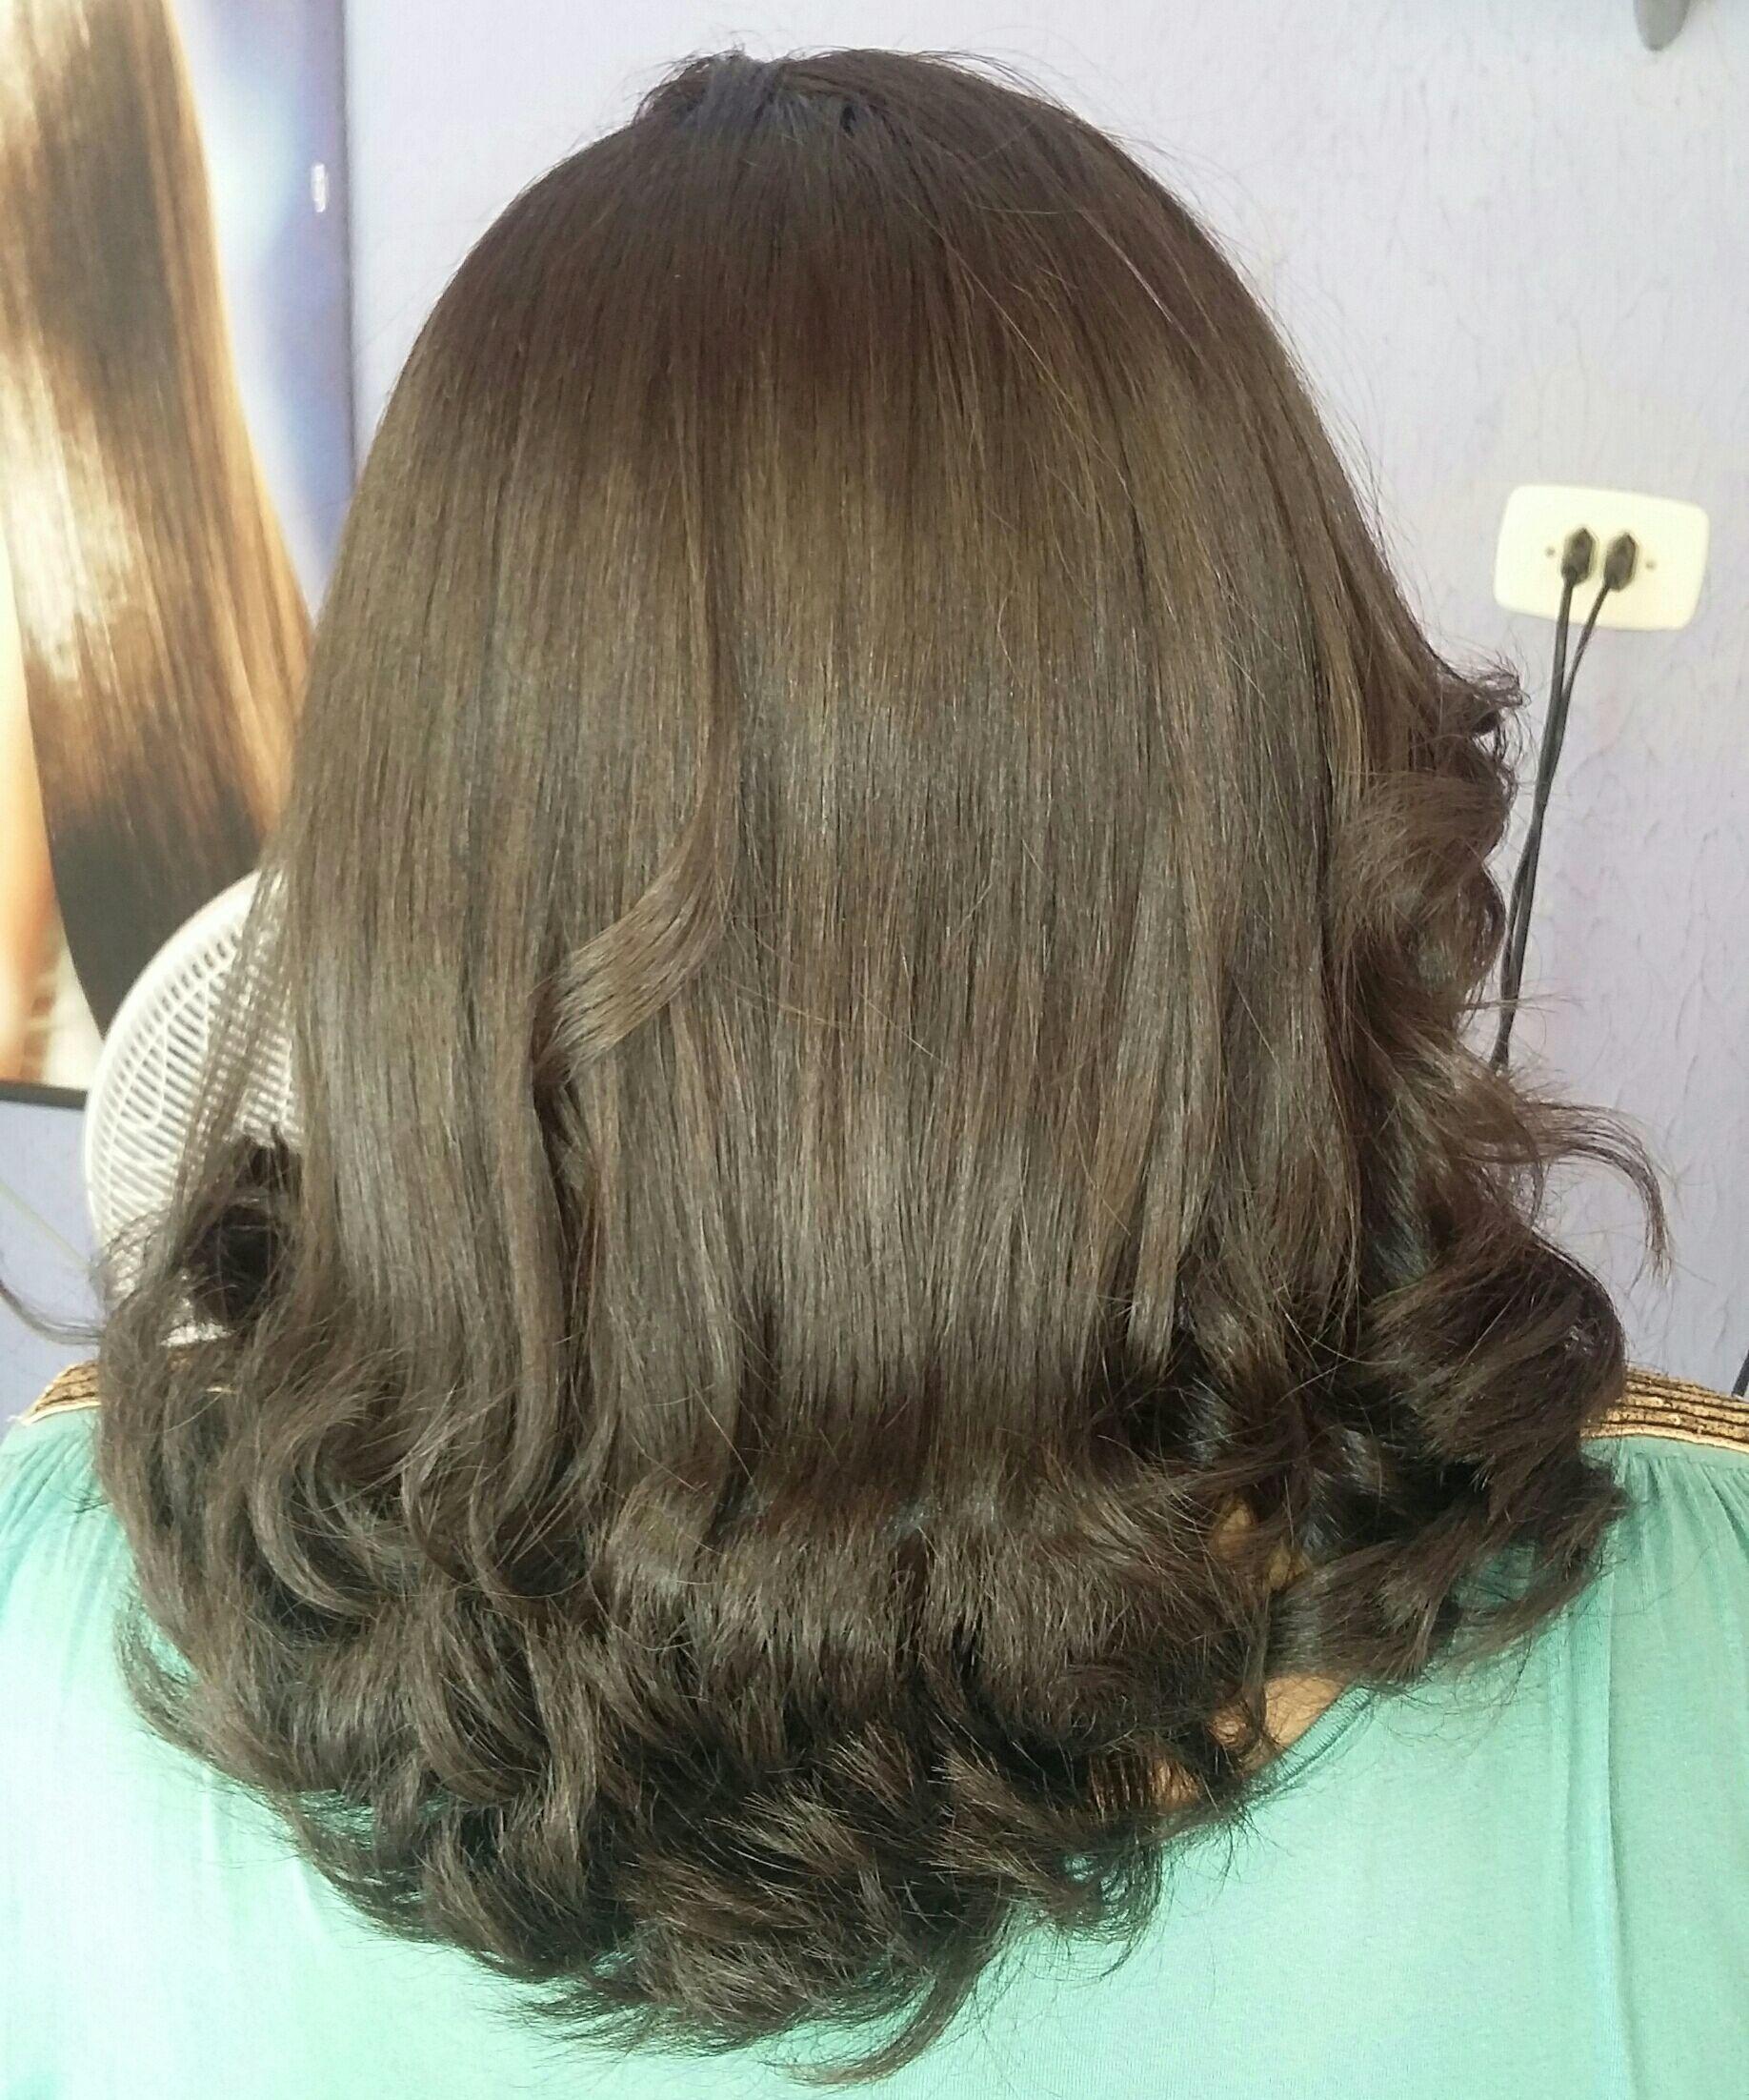 cabeleireiro(a) assistente financeiro consultor(a) de rh promotor(a) de vendas repositor recepcionista selecionador de emprego vendedor(a) instrutor de cabeleireiro caixa subgerente empresário(a) / dono de negócio coordenador(a) escovista